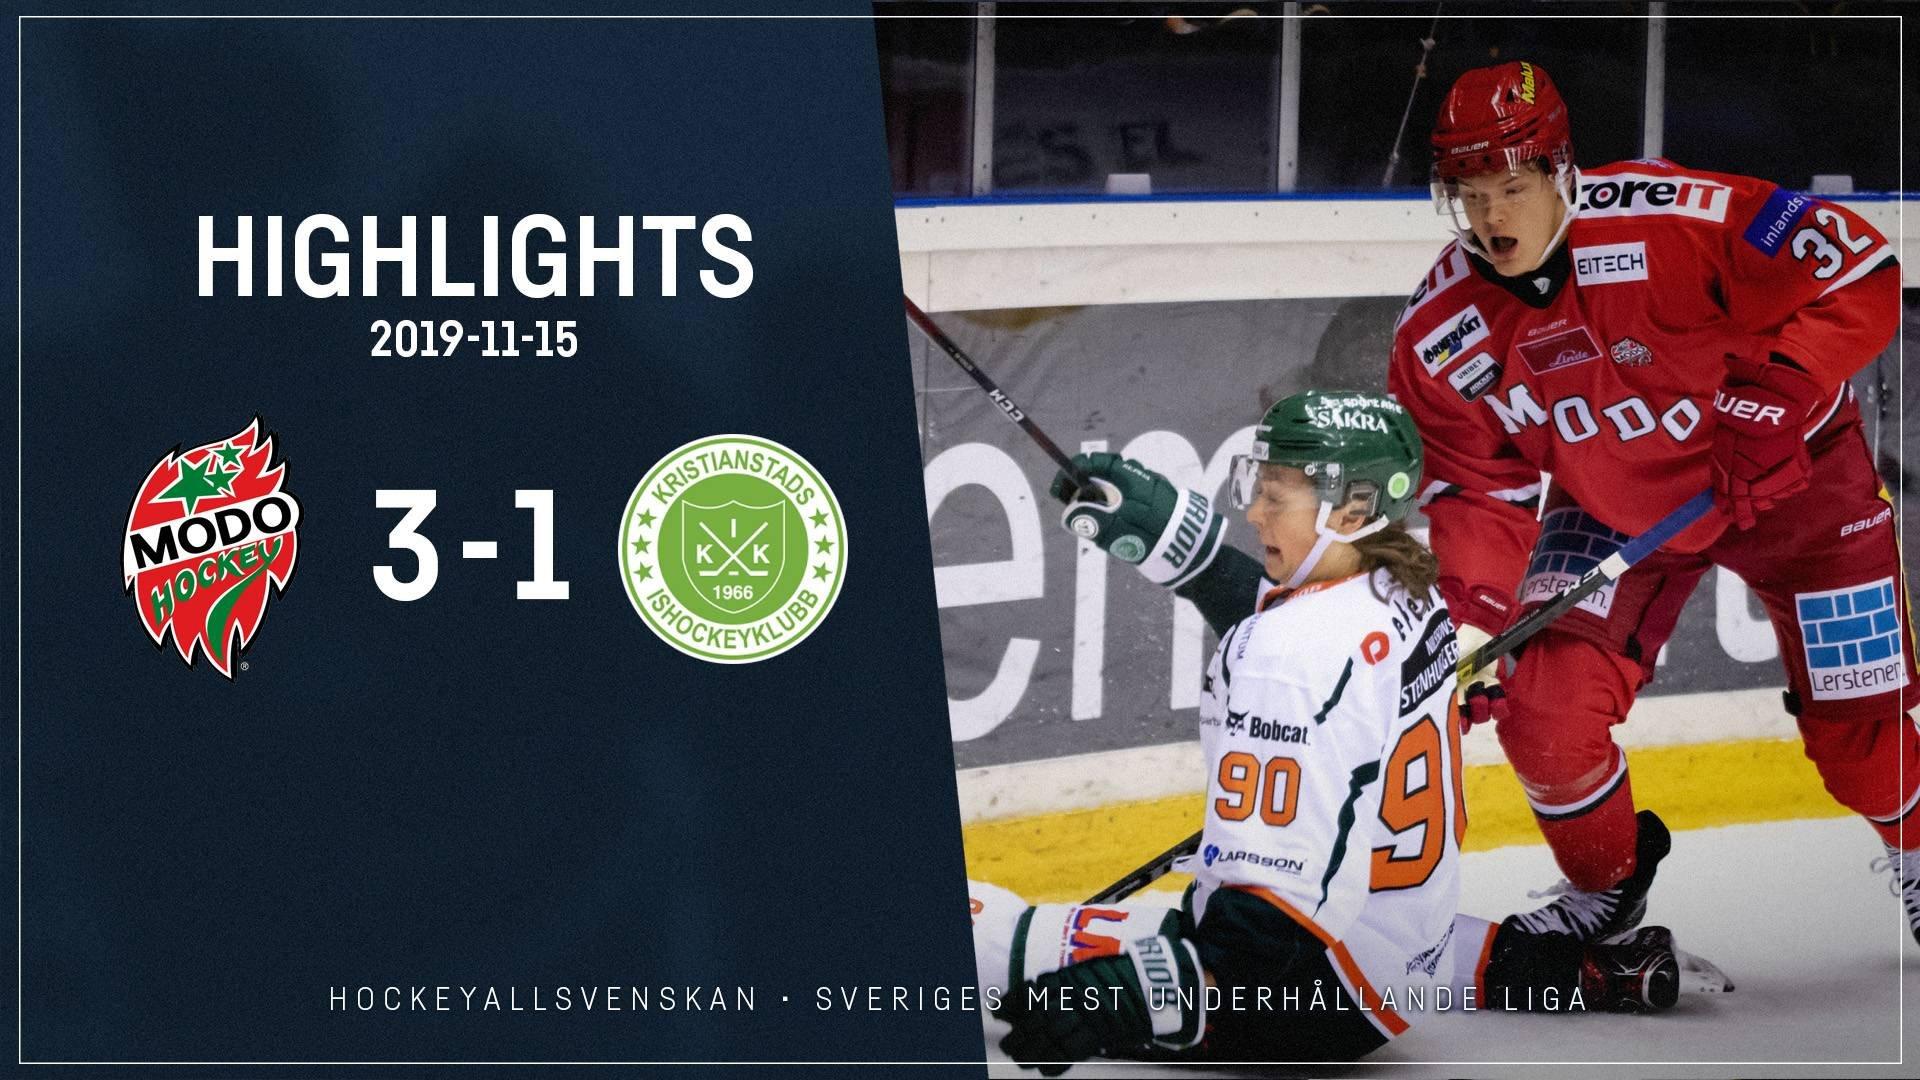 2019-11-15 MODO - Kristianstad 3-1